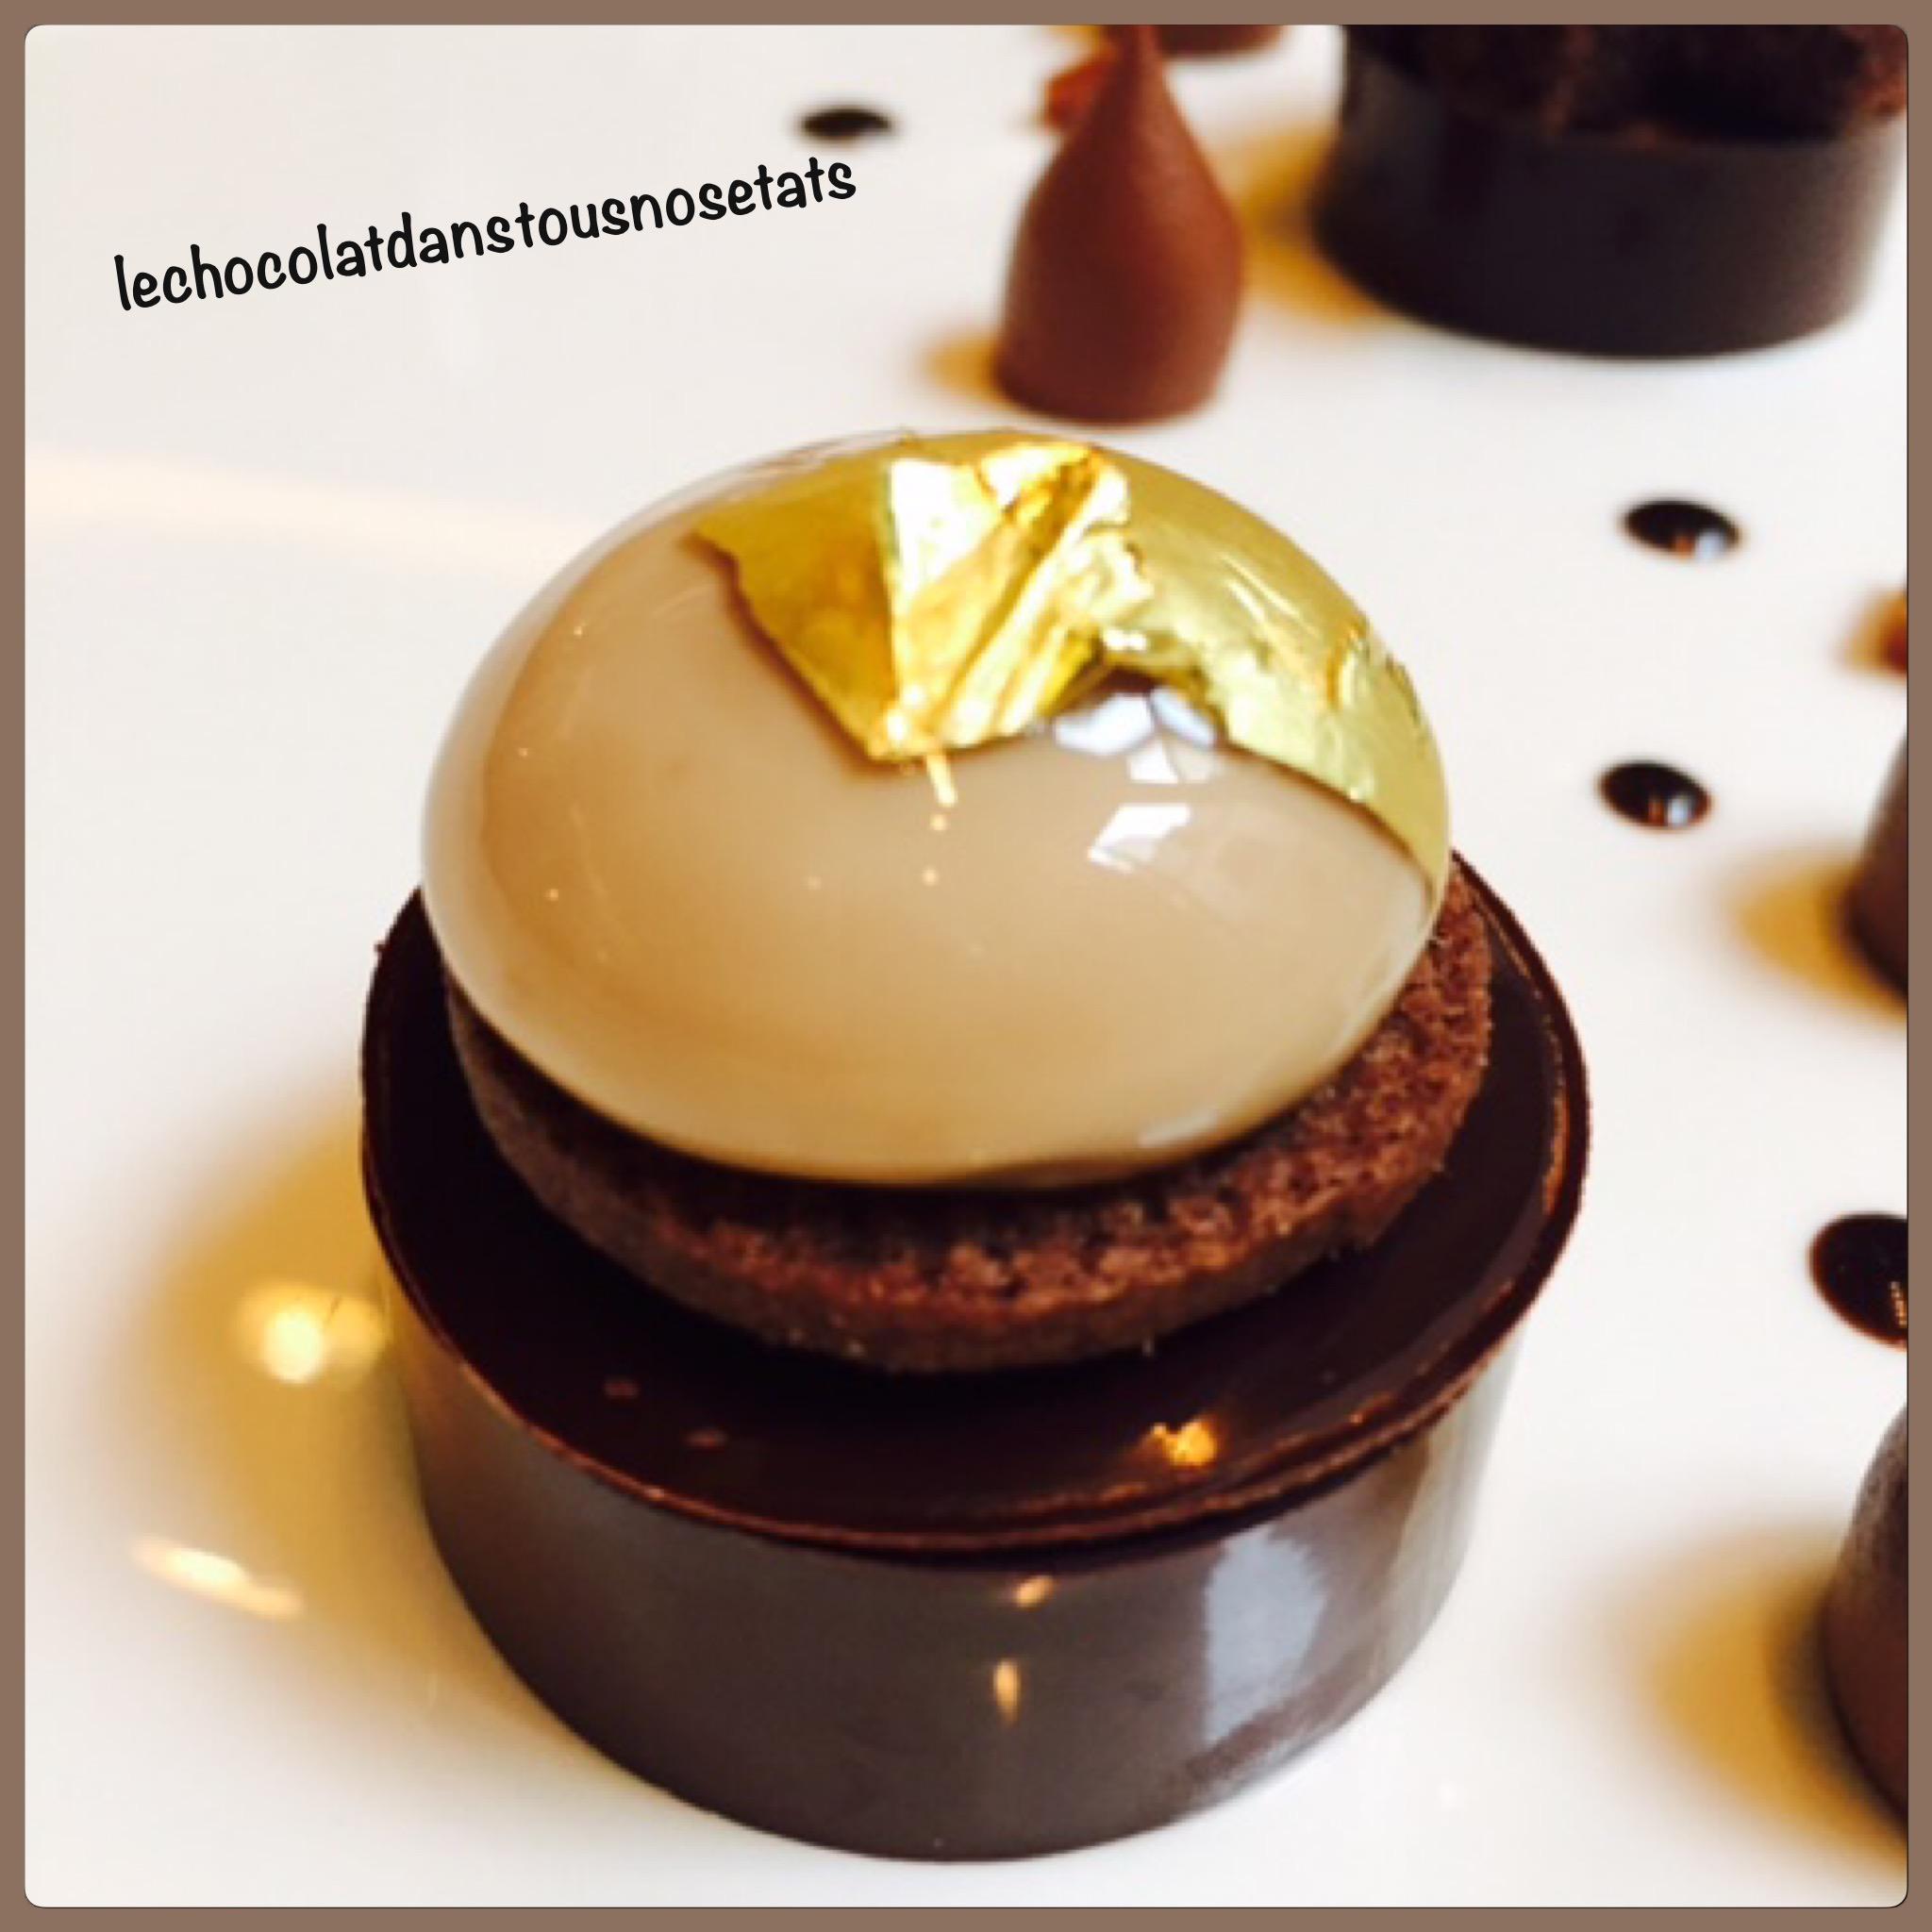 Le chocolat Guanaja en crémeux, sphère caramel à la fleur de sel, biscuit cacao, Julien Chamblas, le Baudelaire, Le Burgundy, Paris